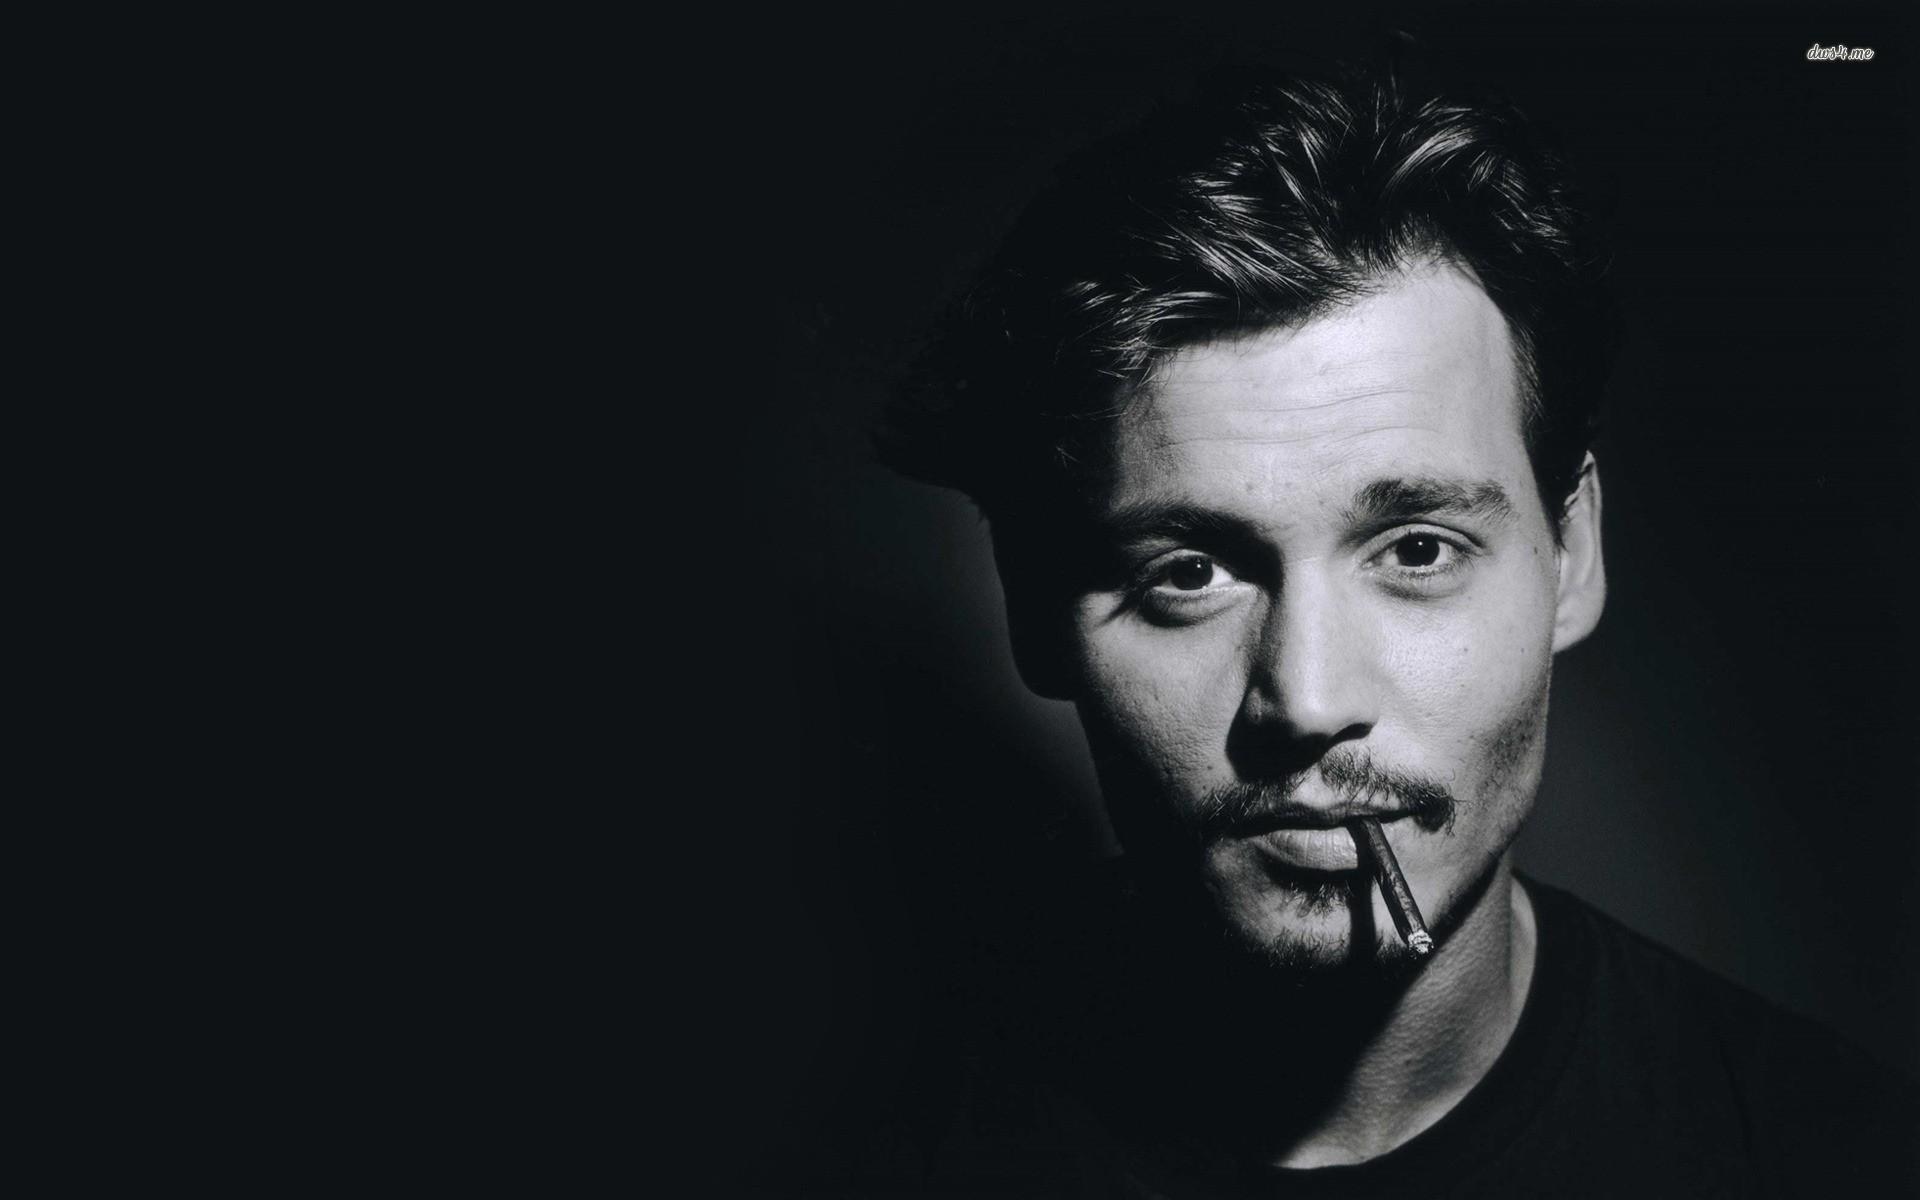 Johnny Depp Wallpaper Cigar Hd - HD Desktop Wallpapers